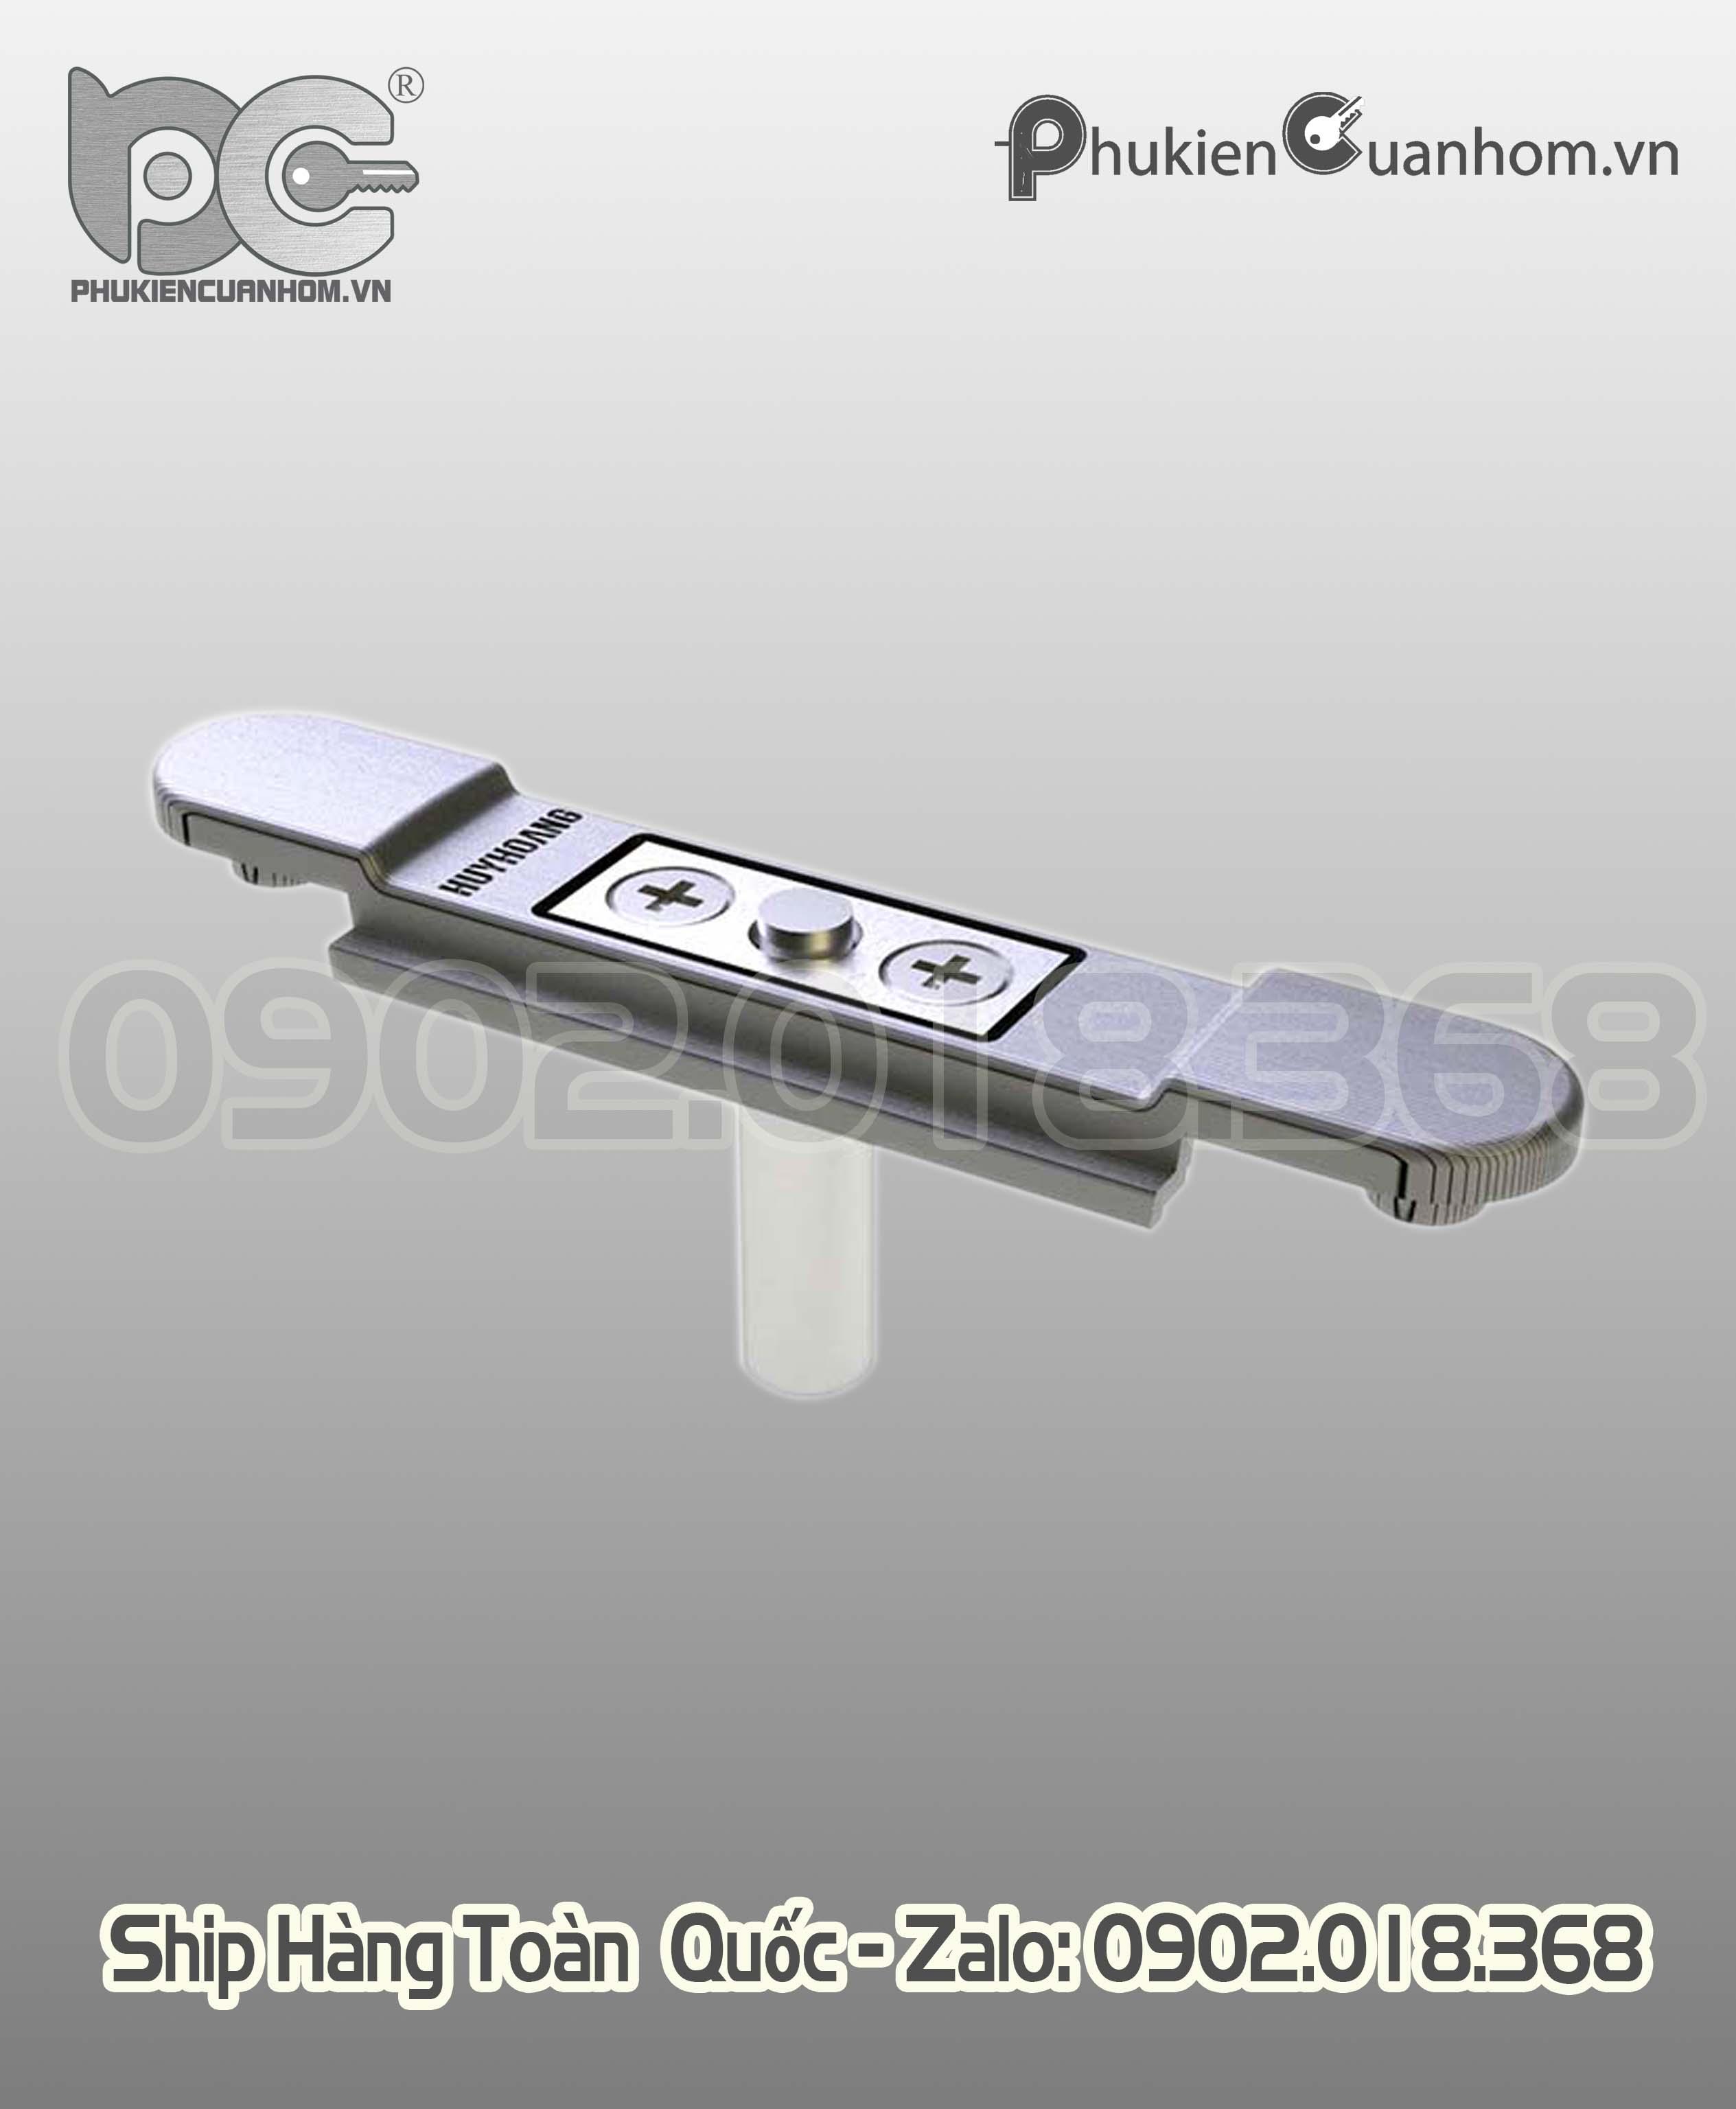 Đầu nối chữ T thanh đa điểm cửa sổ mở hiệu Huy Hoàng ZCD75